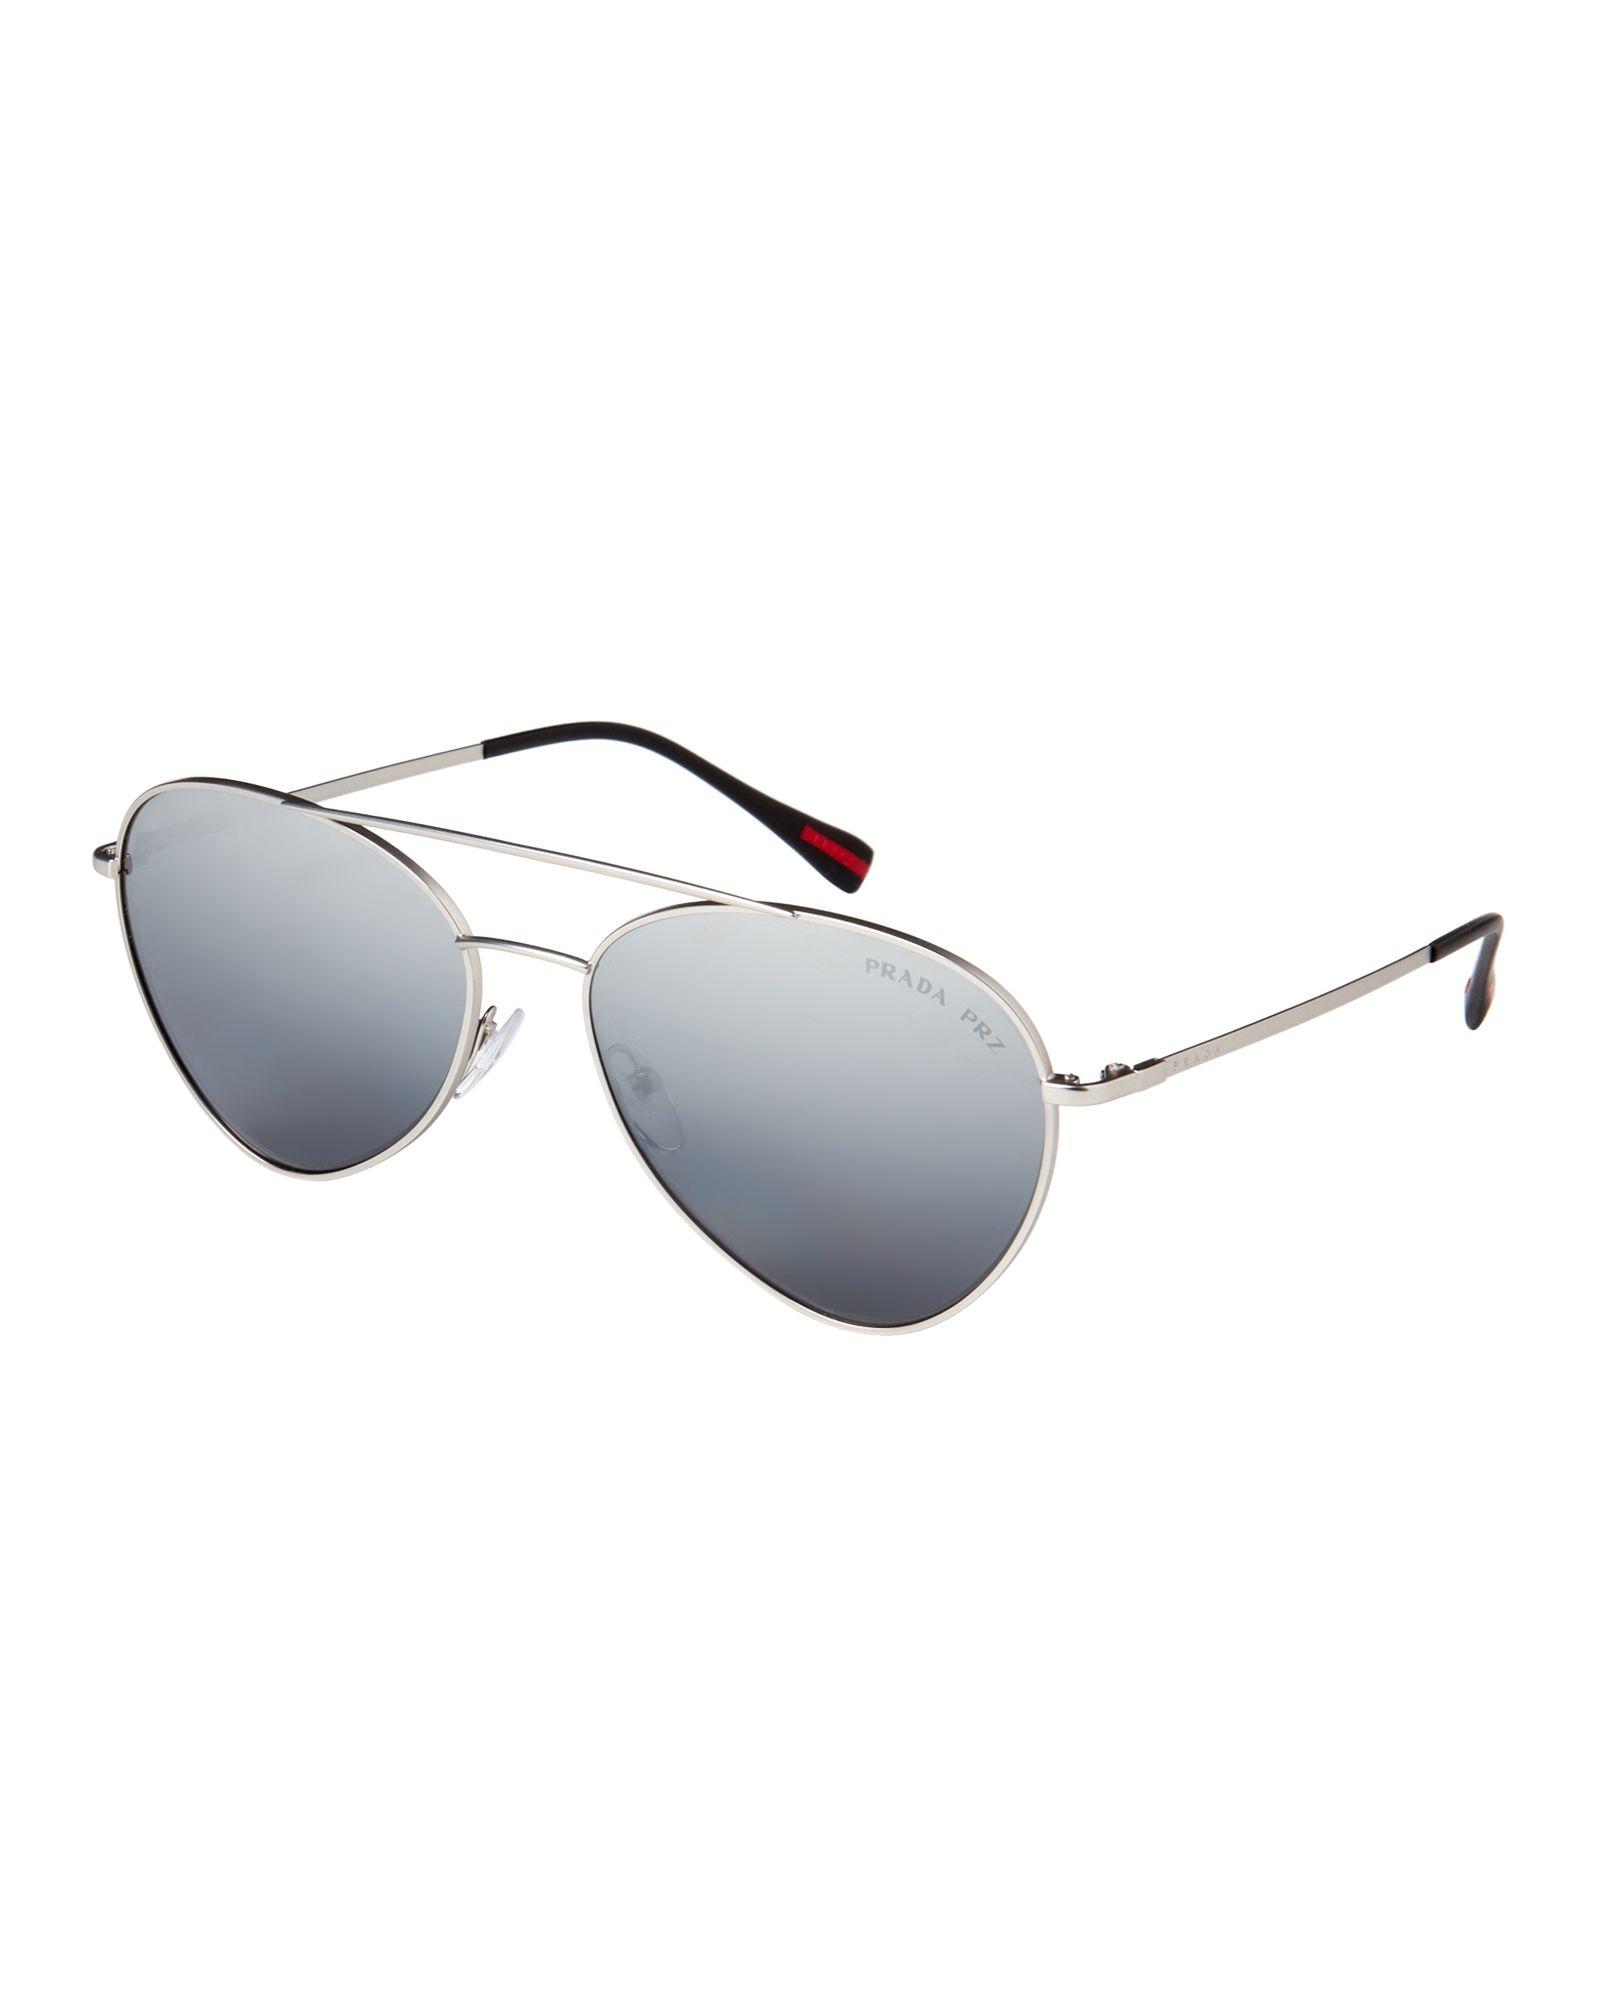 495c306d3ccd1 Prada Sport SPS 50S Silver-Tone Aviator Sunglasses